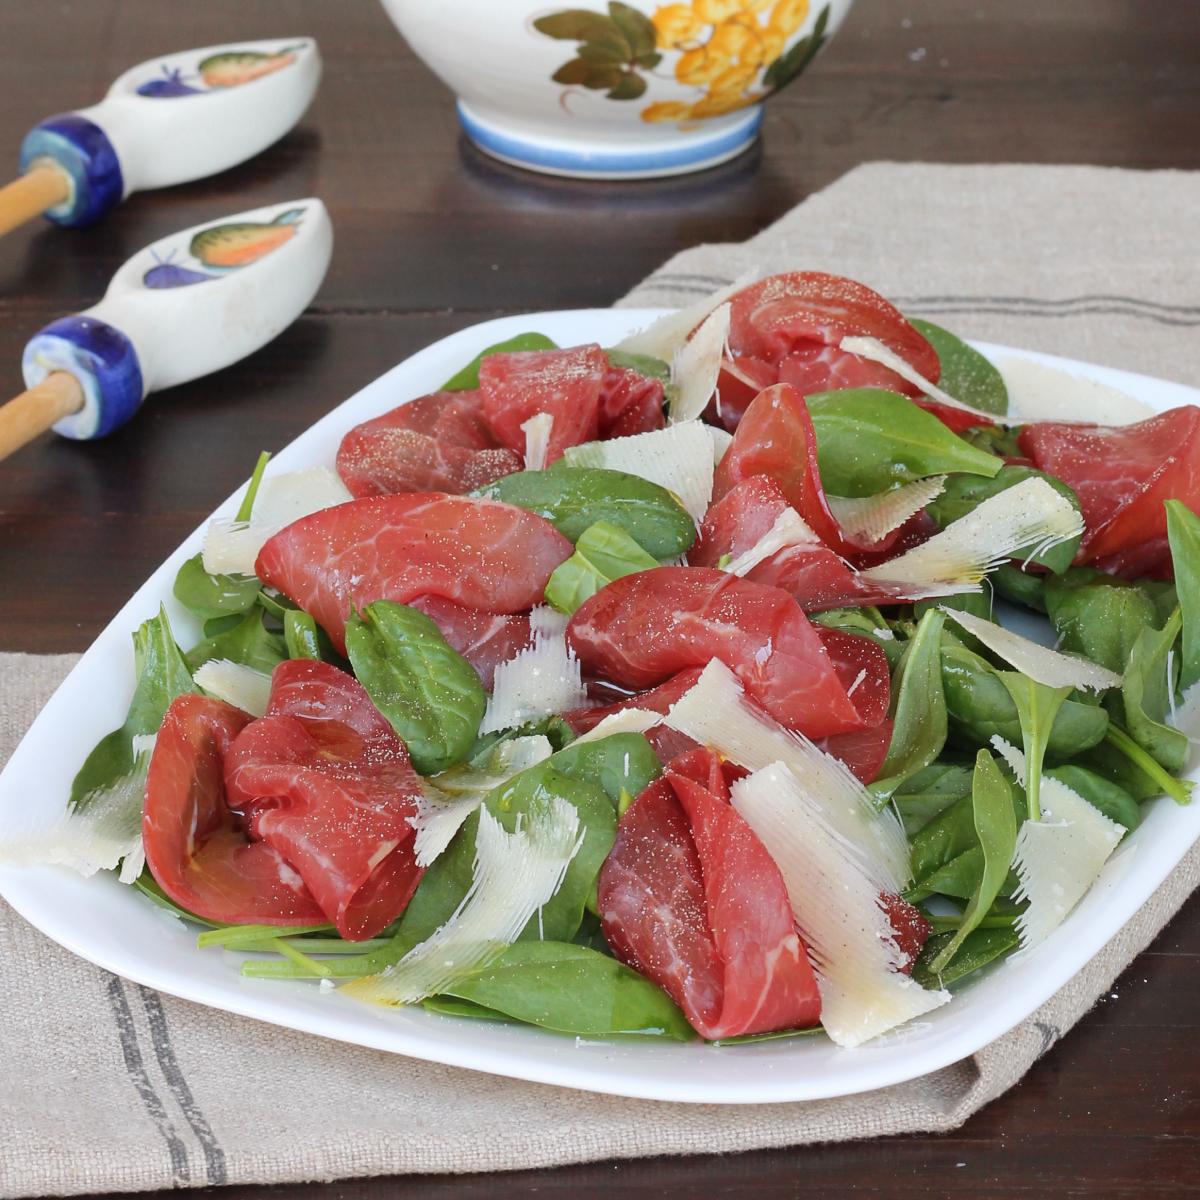 INSALATA DI SPINACINi freschi | insalata con bresaola e spinacino fresco crudo